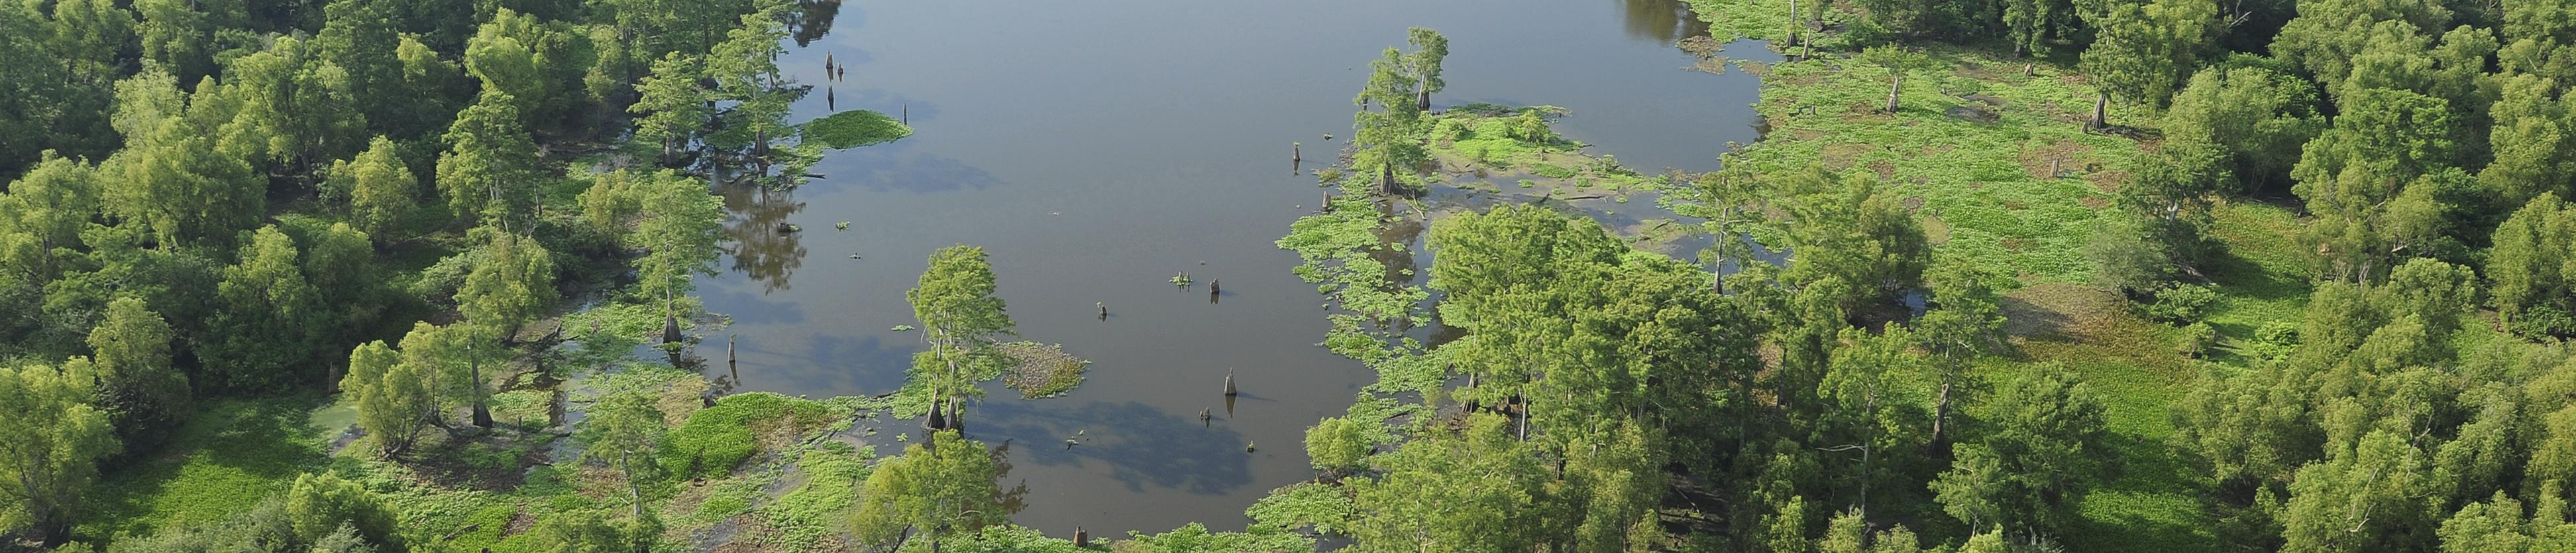 alligator cove-cover